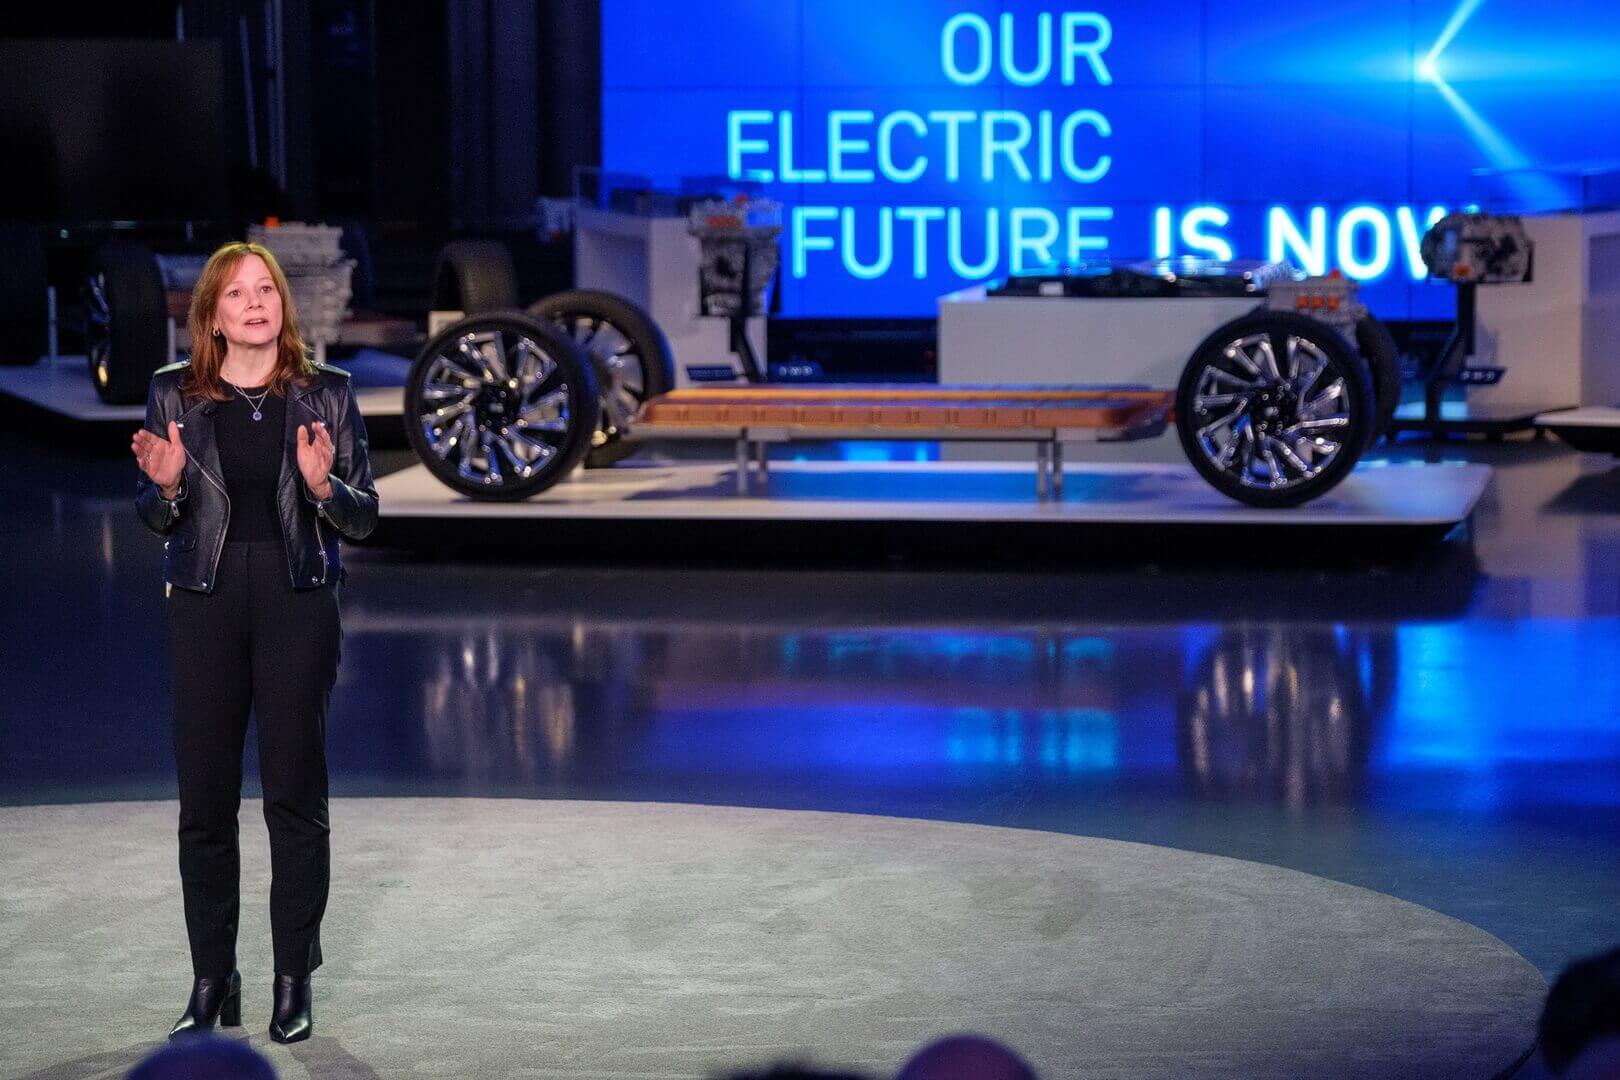 Председатель и главный исполнительный директор General Motors Мэри Барра рассказывает о мультибрендовой стратегии технологиях электромобилей GM